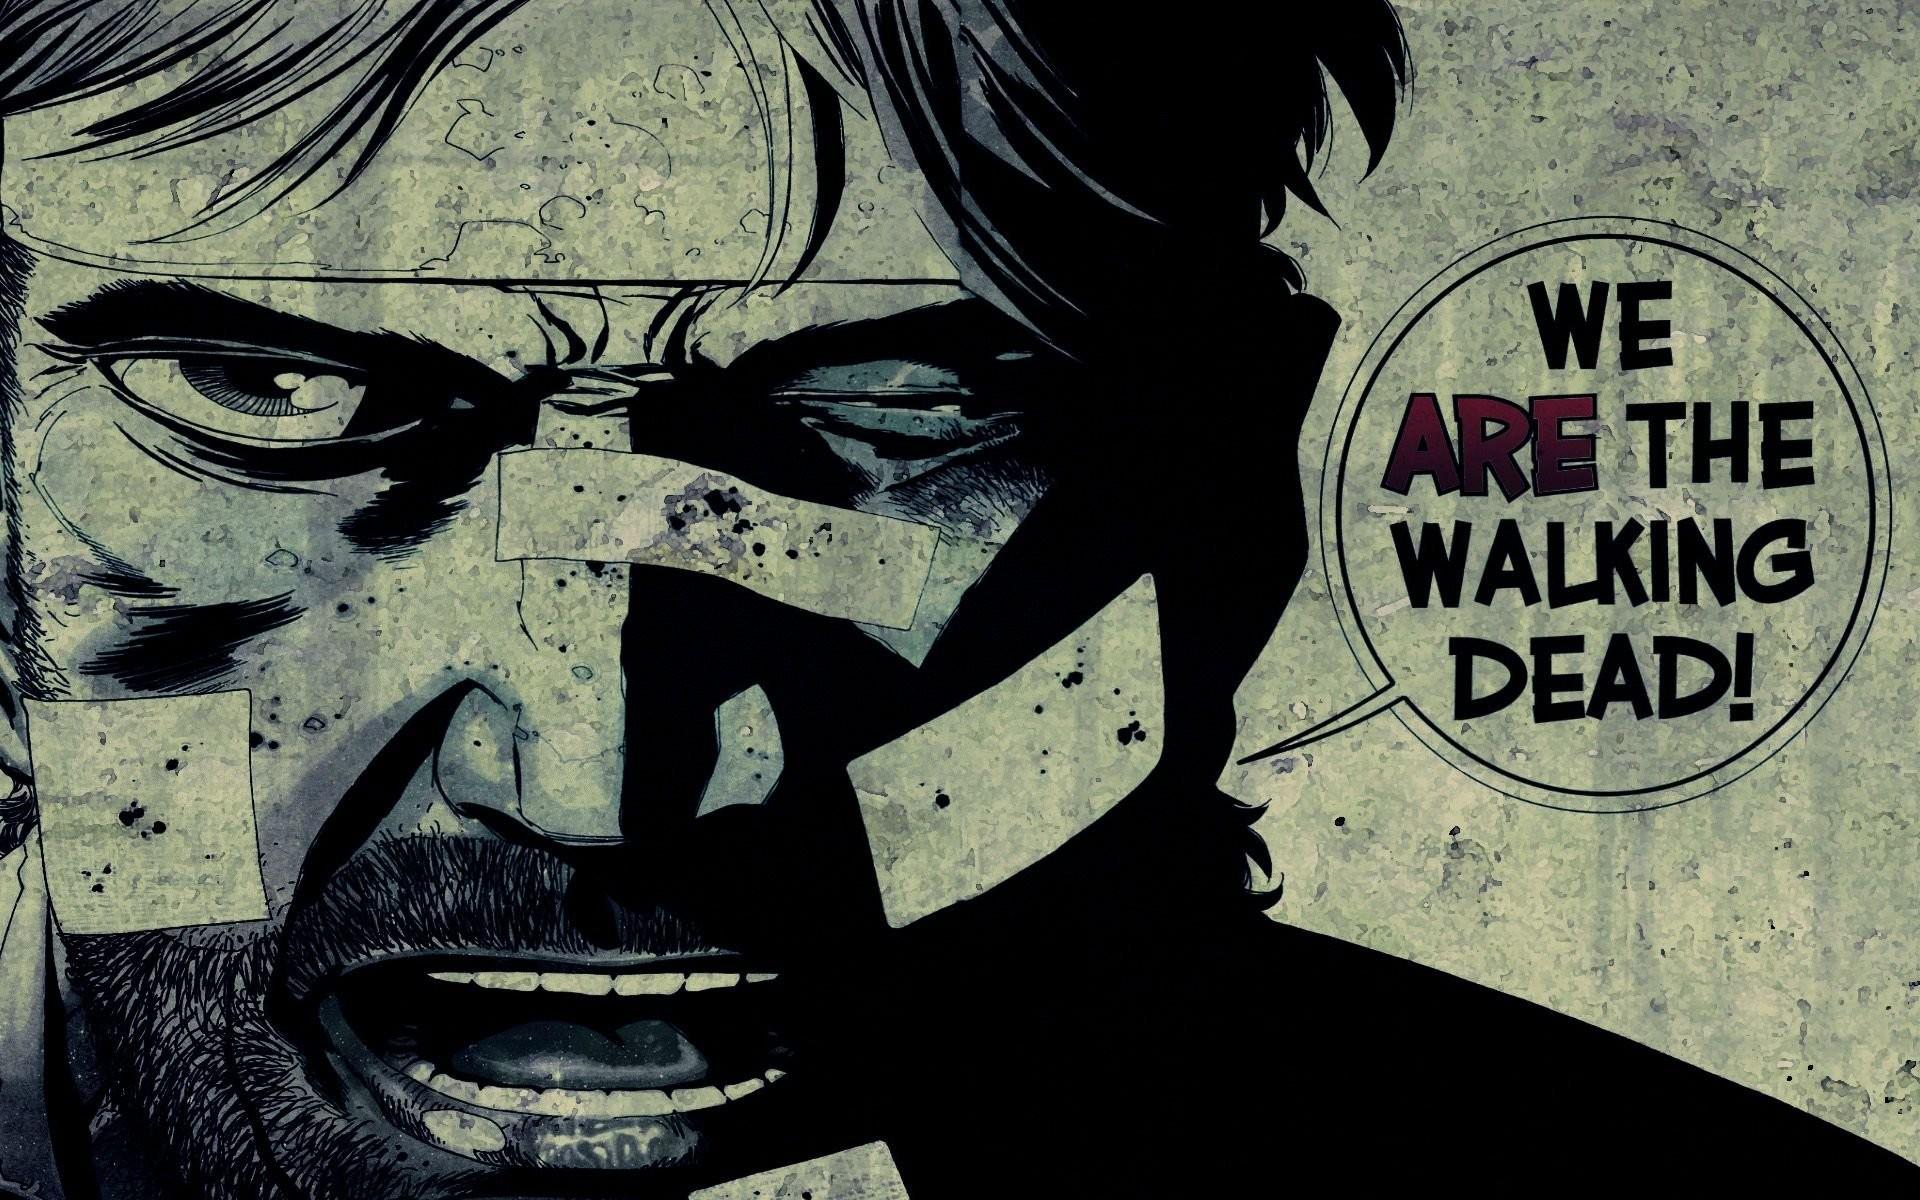 Walking Dead Comic We Are The Walking Dead Wallpaper